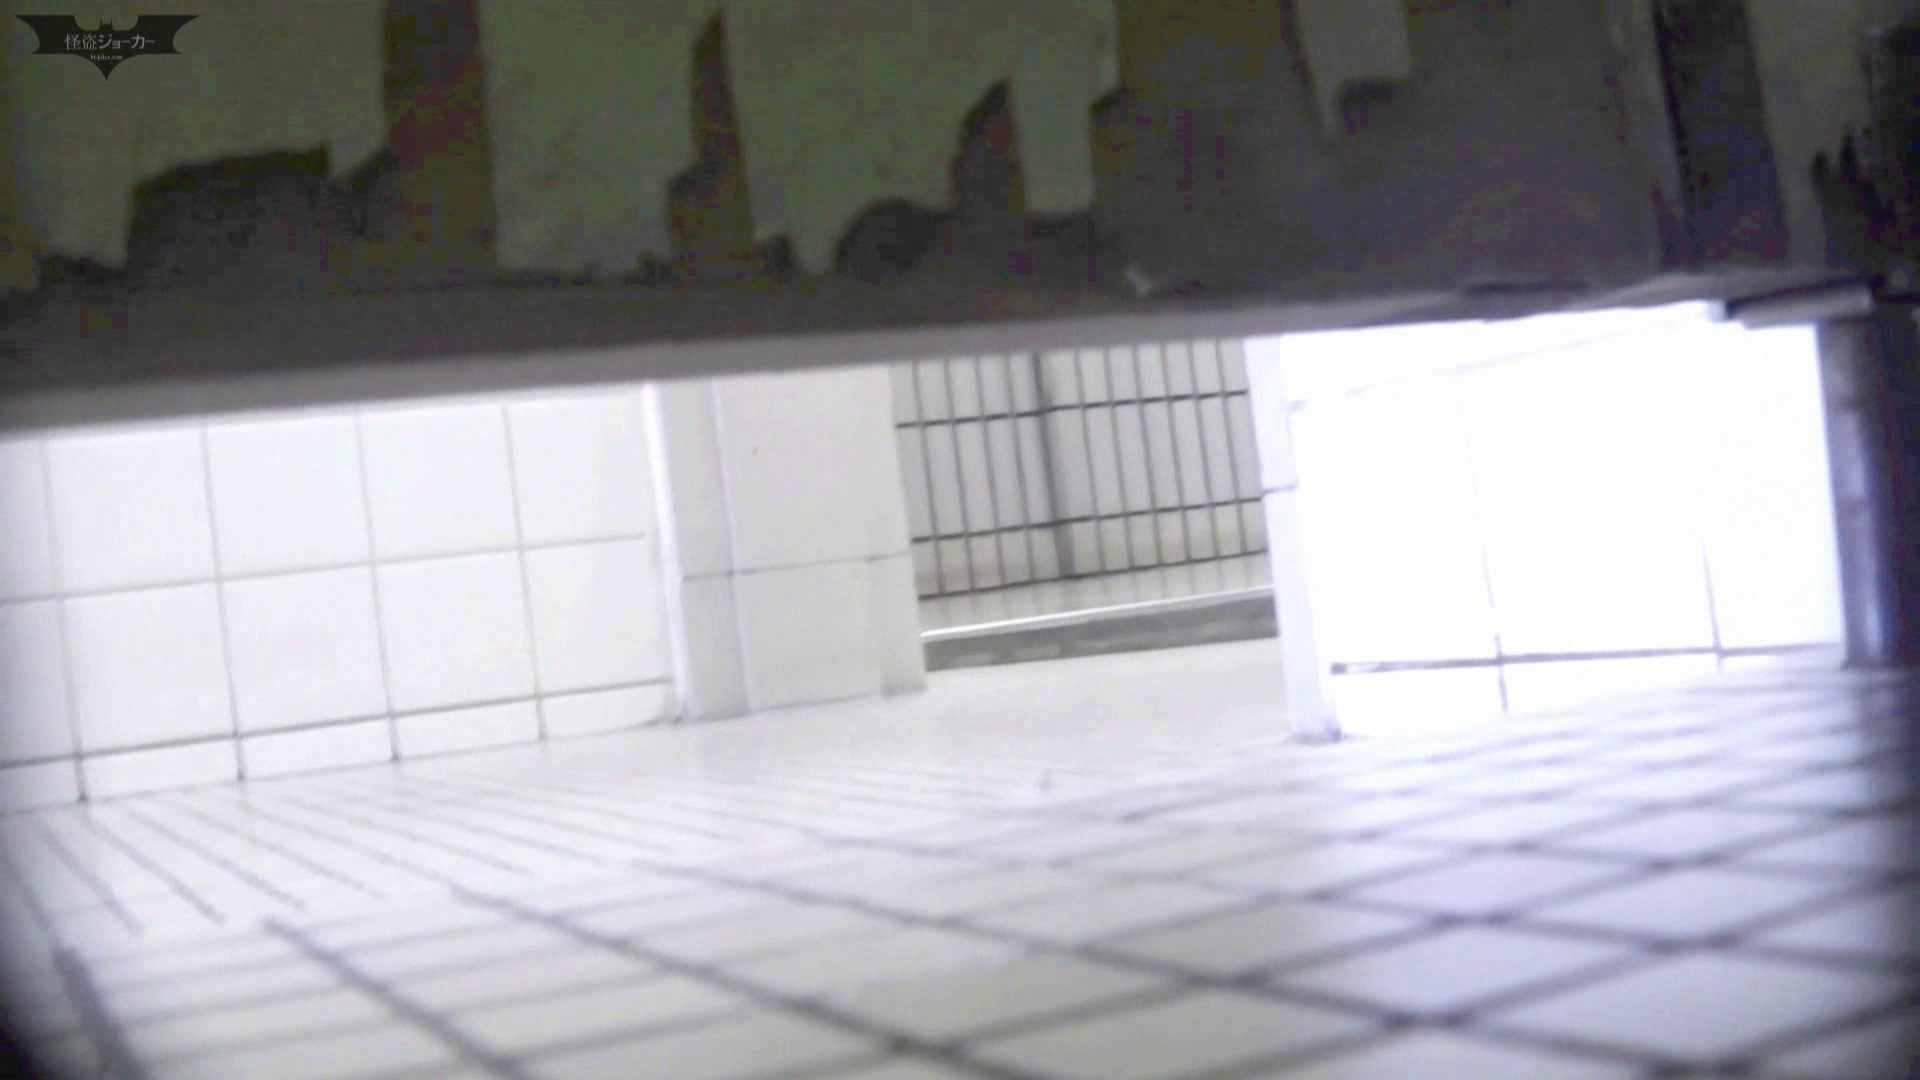 【潜入トイレ盗撮】洗面所特攻隊 vol.70 極上品の連続、歌いながら美女入室 色っぽいOL達 濡れ場動画紹介 63pic 44